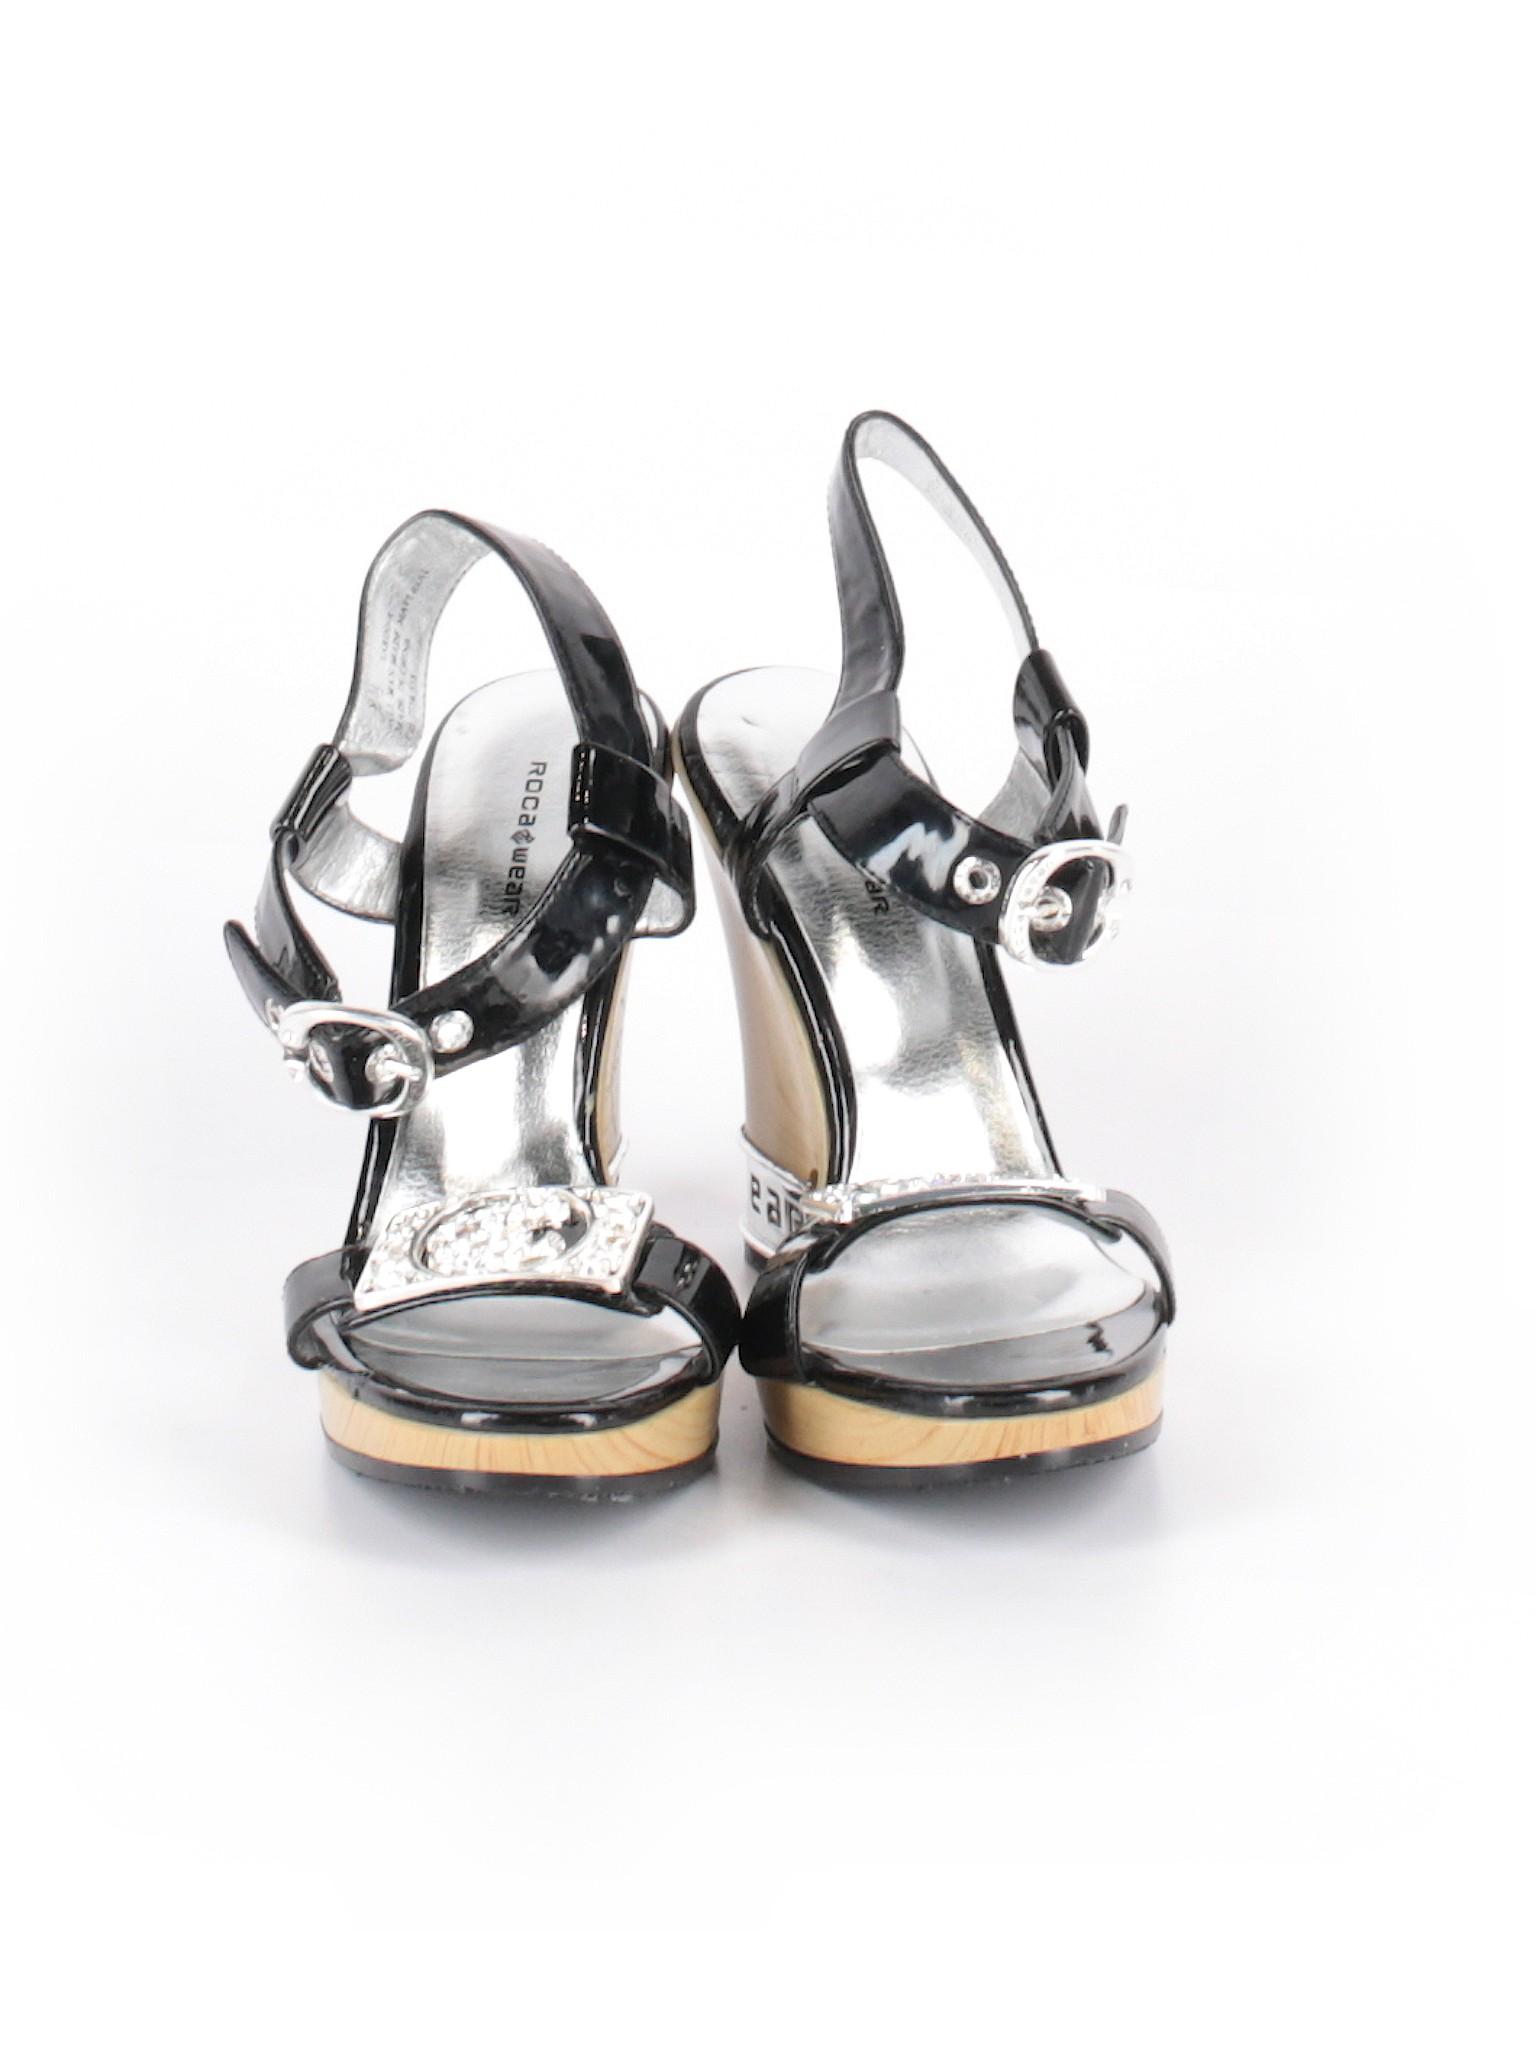 Rocawear Heels promotion Boutique Boutique promotion UxqtwSg8U